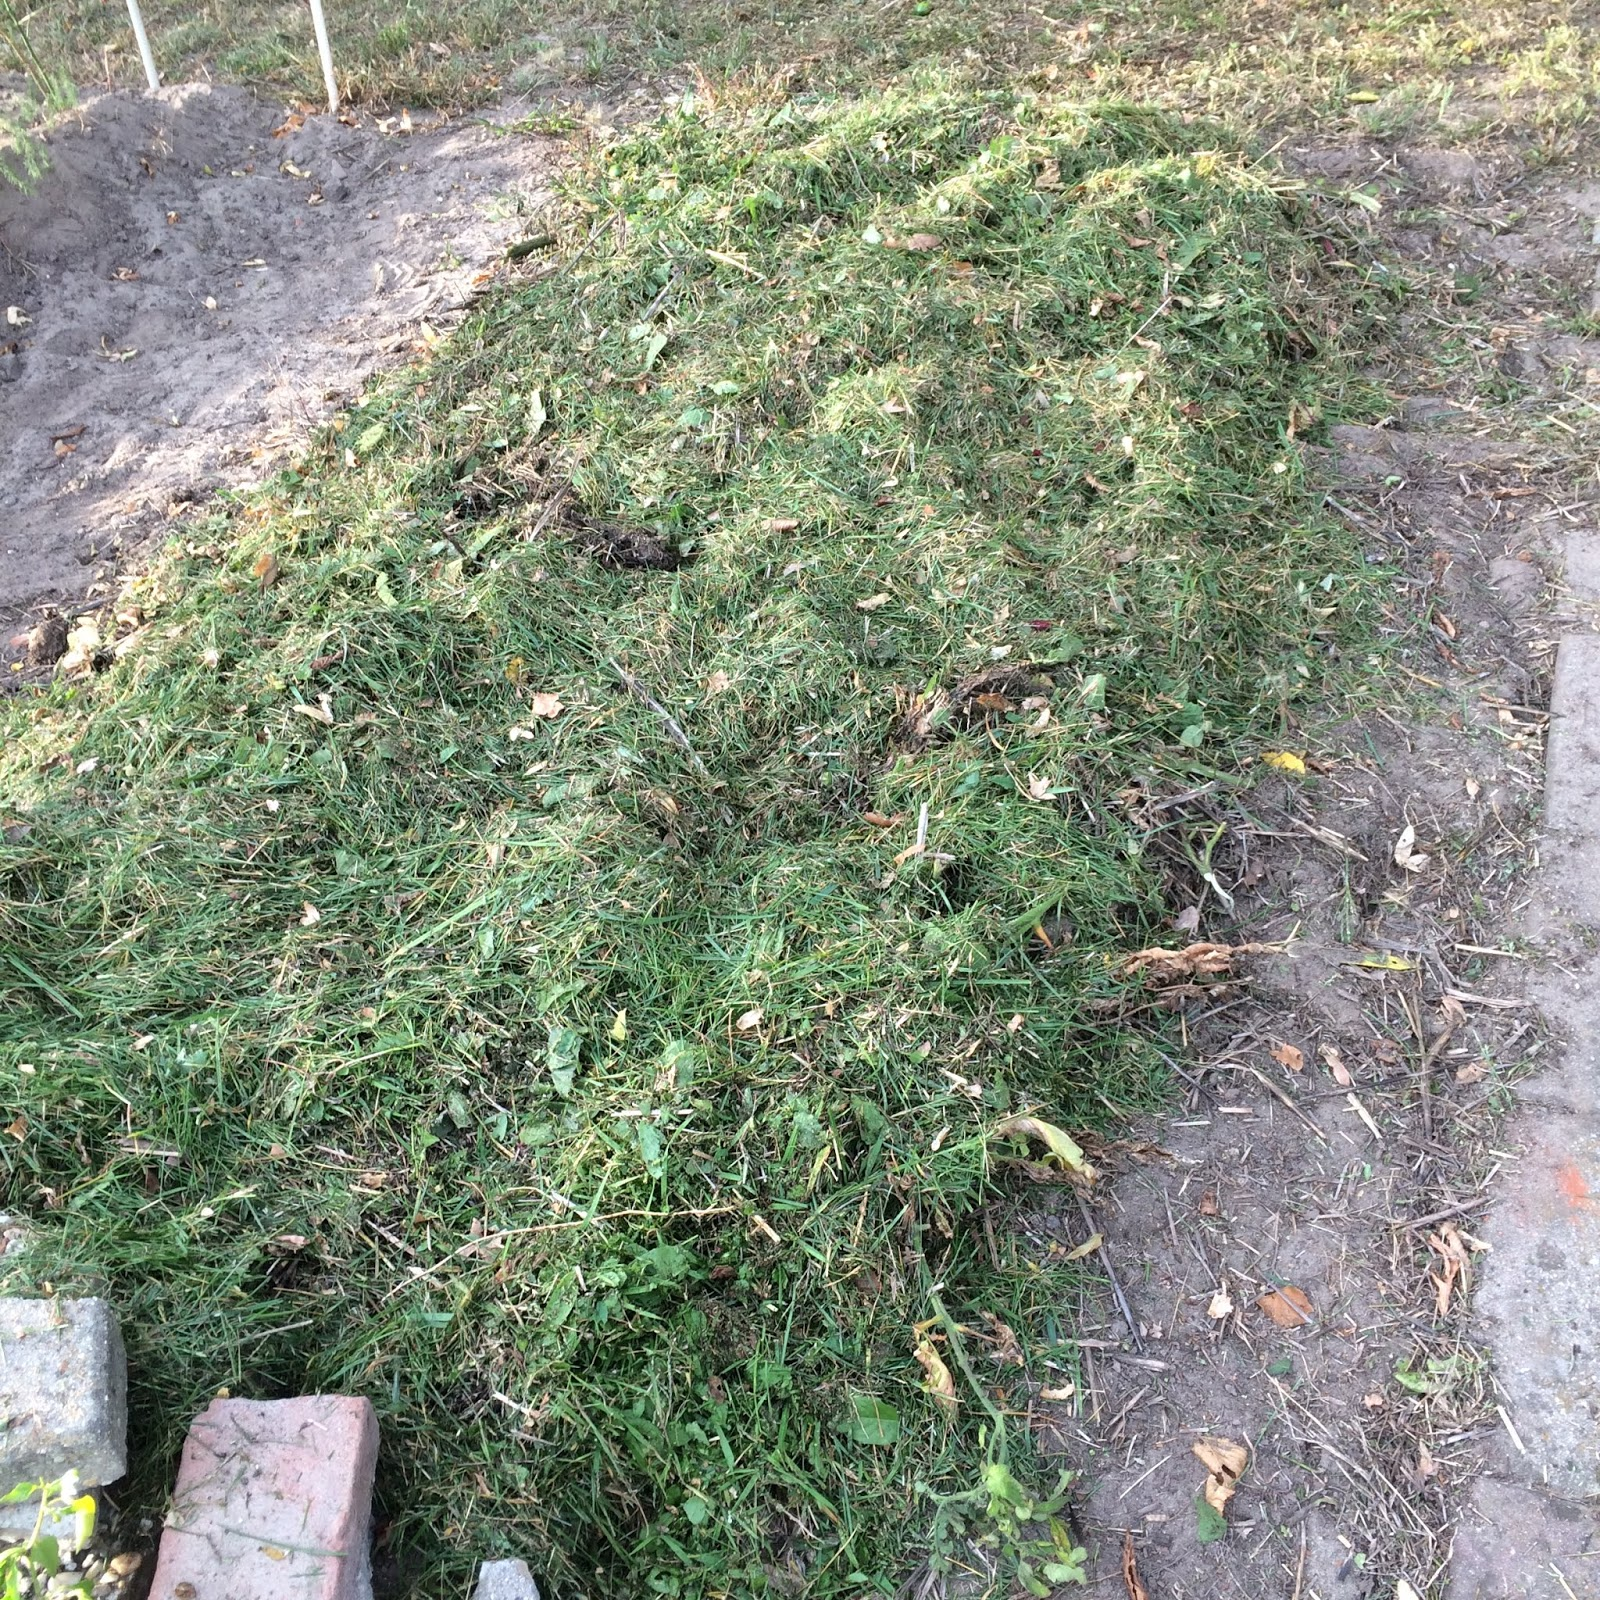 moestuin herfst najaar volkstuin zon mulch permacultuur